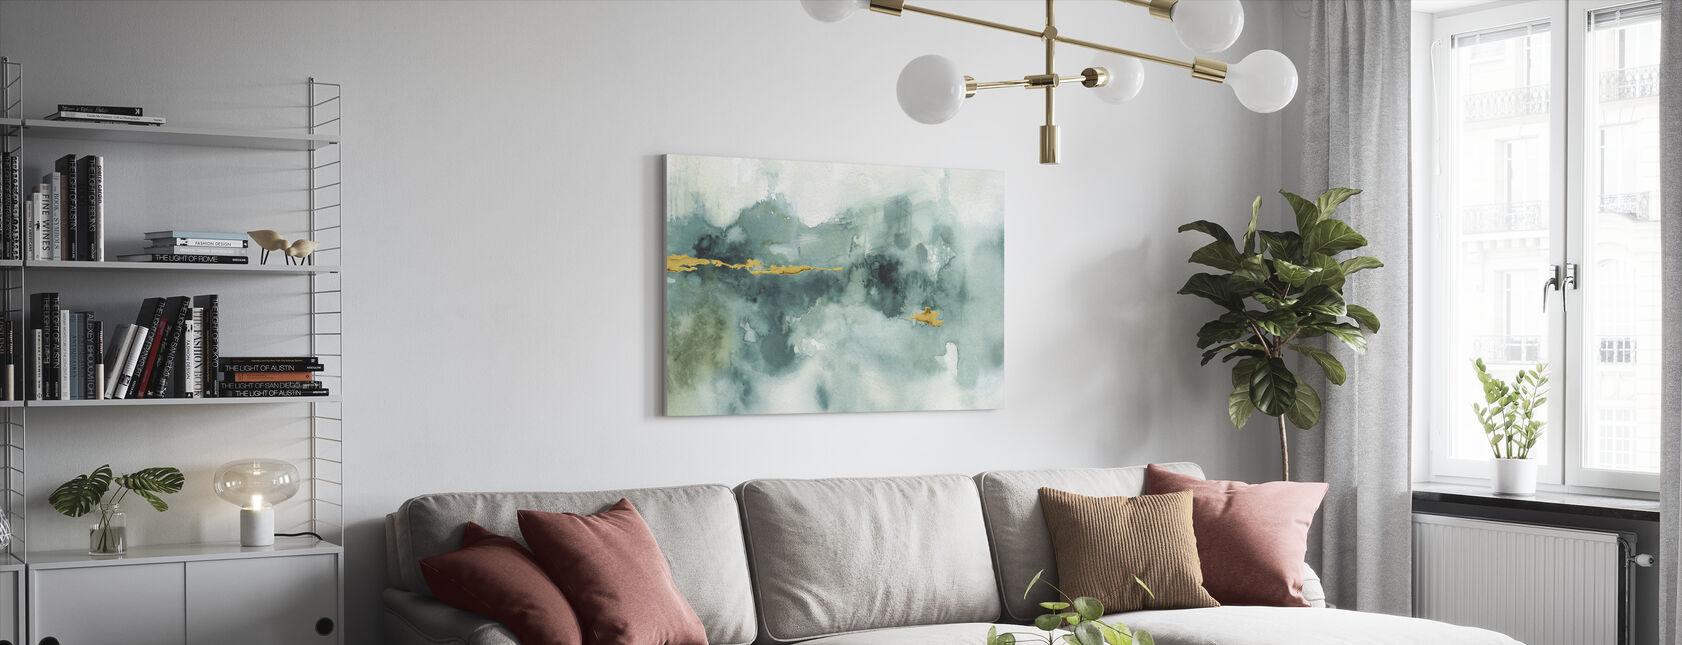 Min växthus akvarell 3 - Canvastavla - Vardagsrum